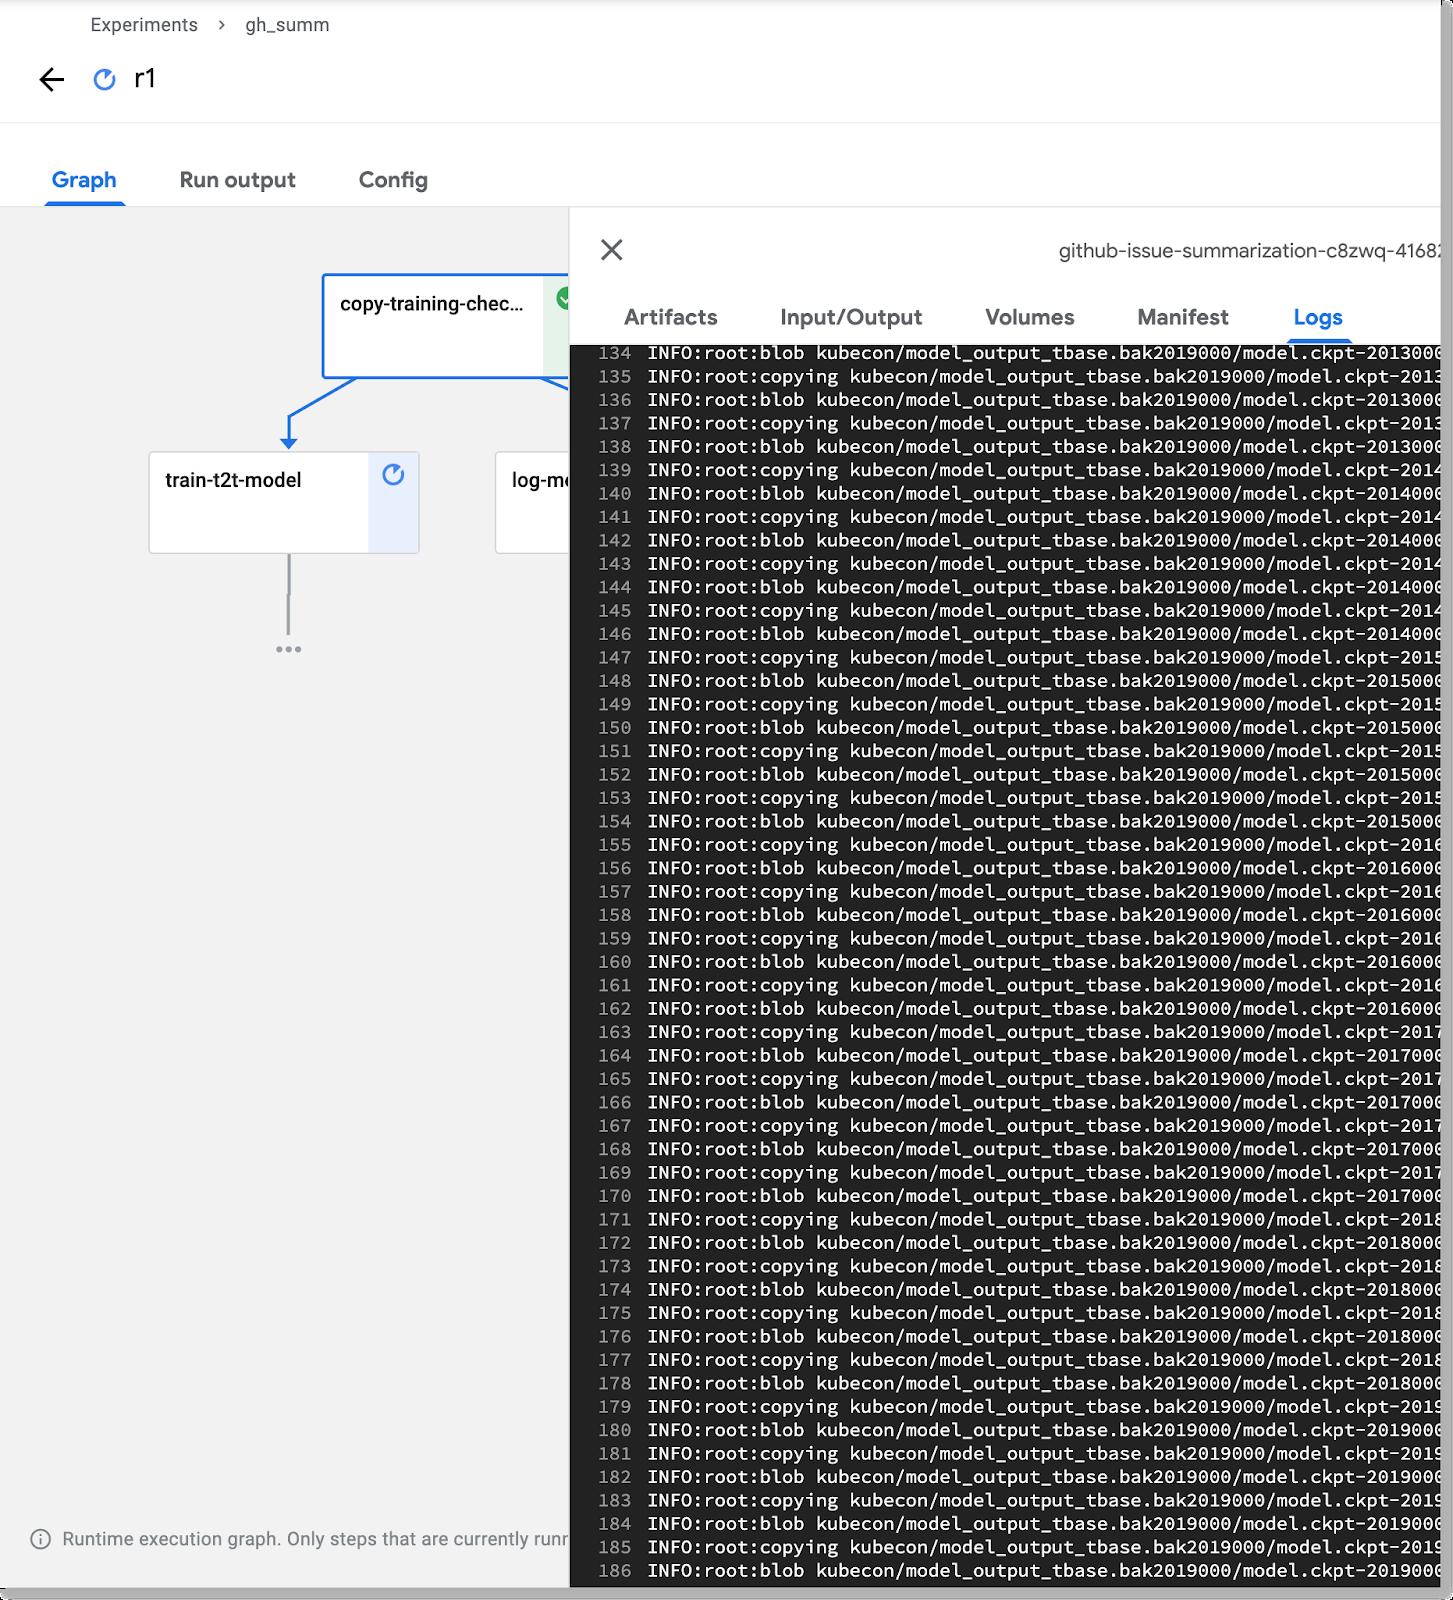 Kubeflow Pipelines - GitHub Issue Summarization